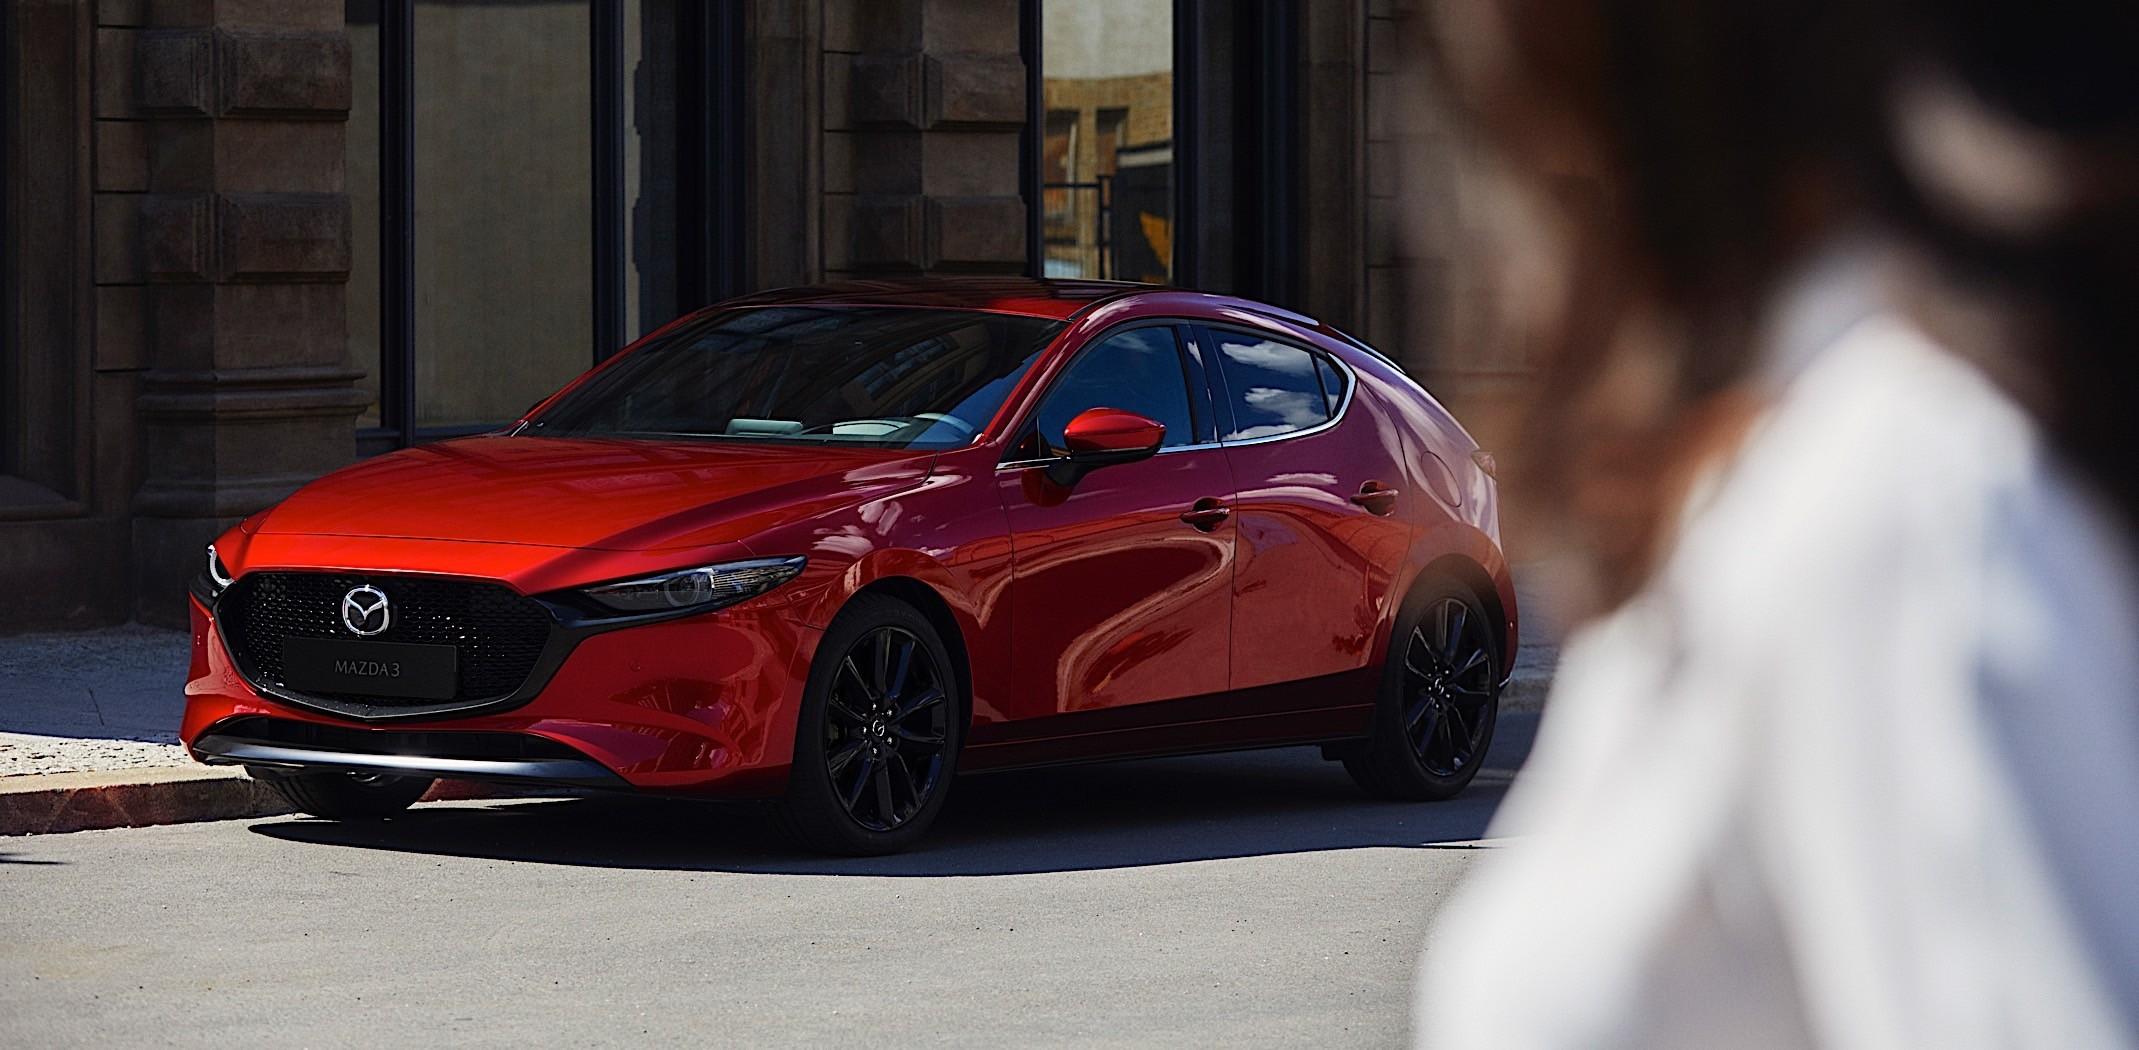 Image Result For Mazda Price